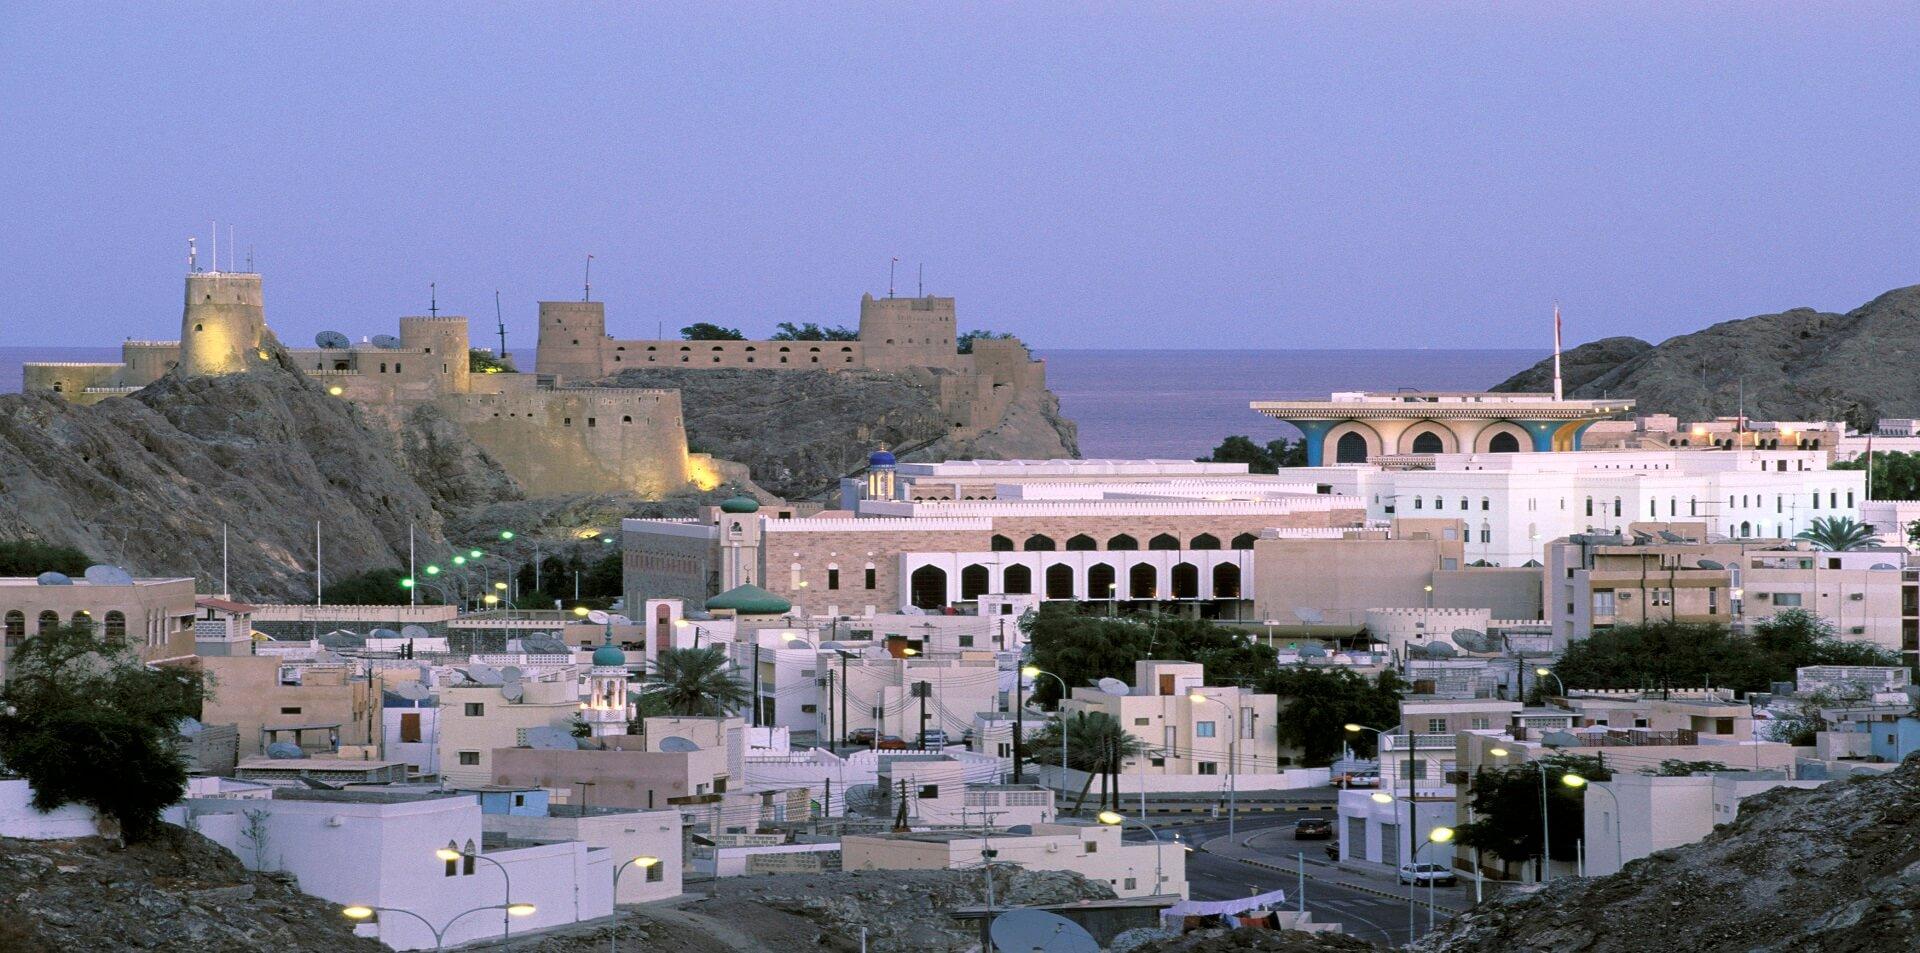 Marhaba benvenuti in oman sulle orme di sindbad il marinaio for La capitale dell arabia saudita